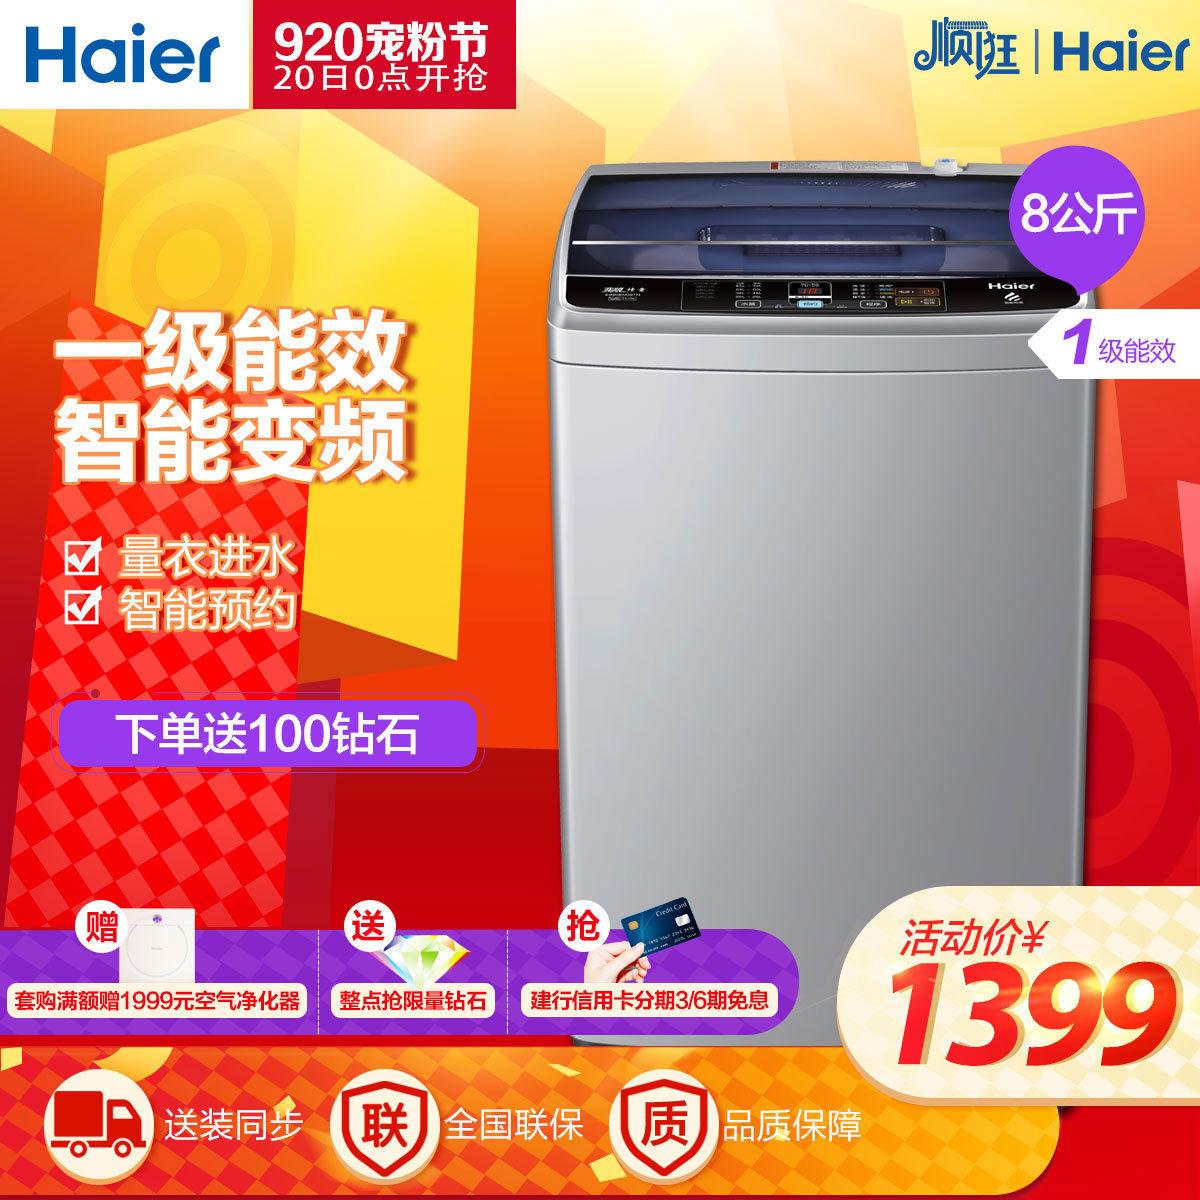 洗衣机什么牌子好 洗衣机品牌性能介绍